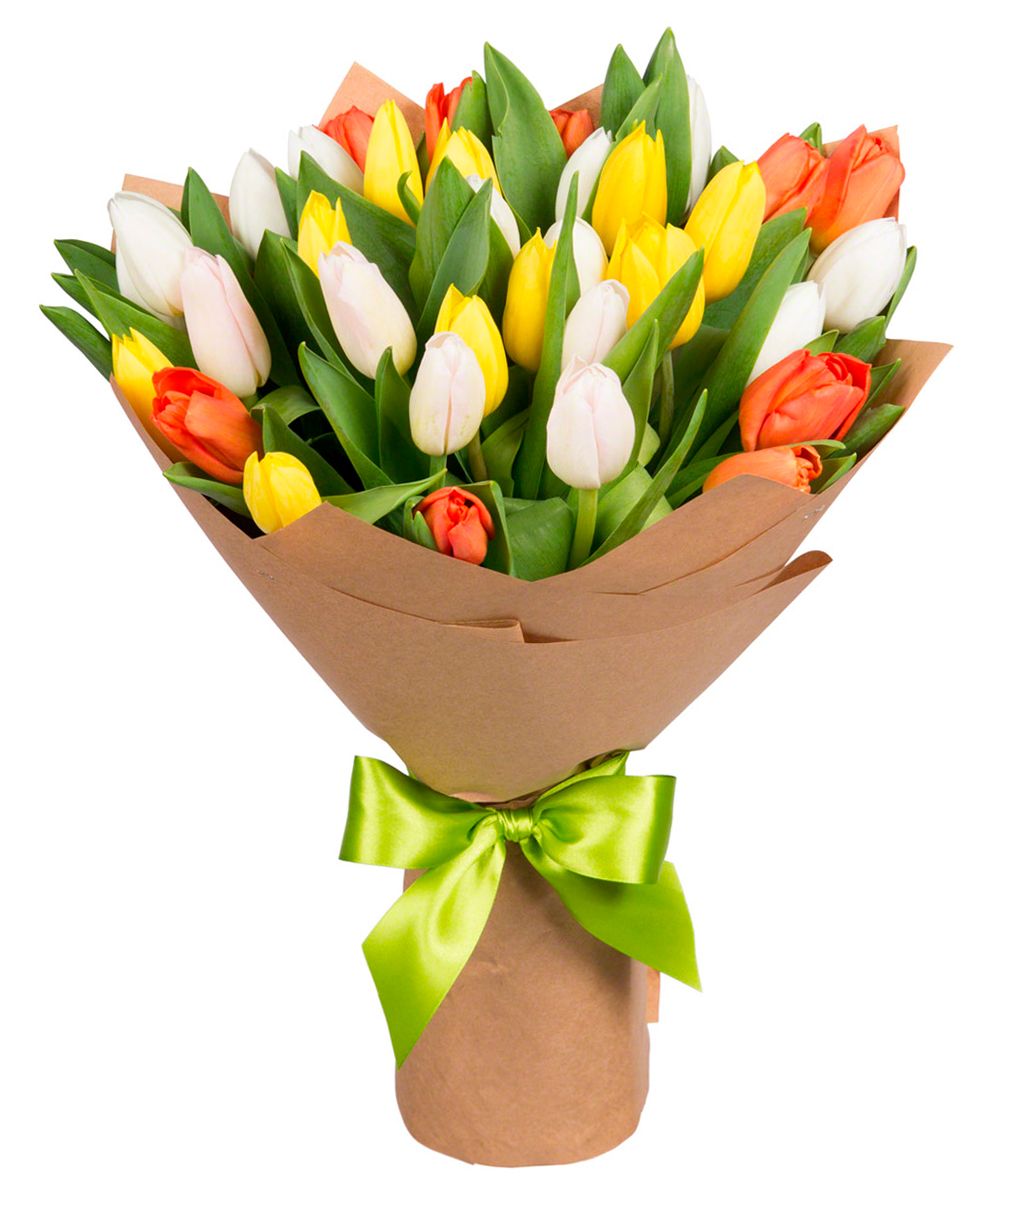 tulip-photo-188